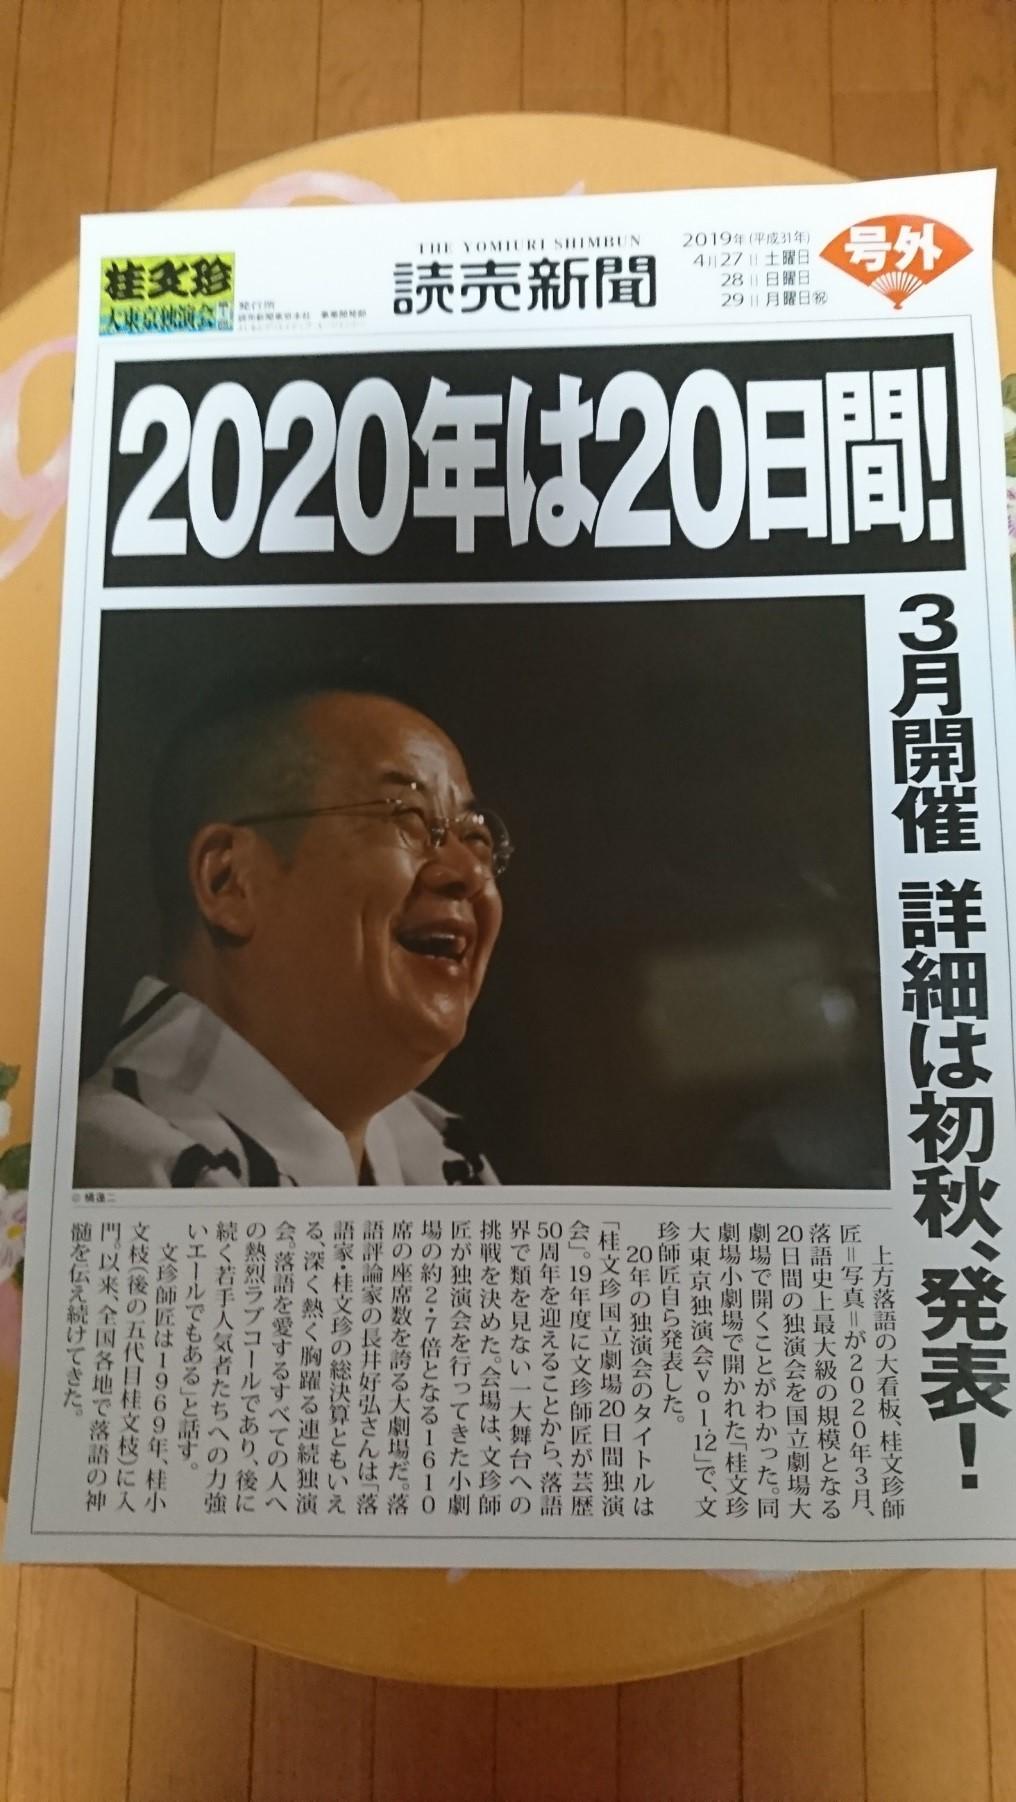 読売新聞の号外